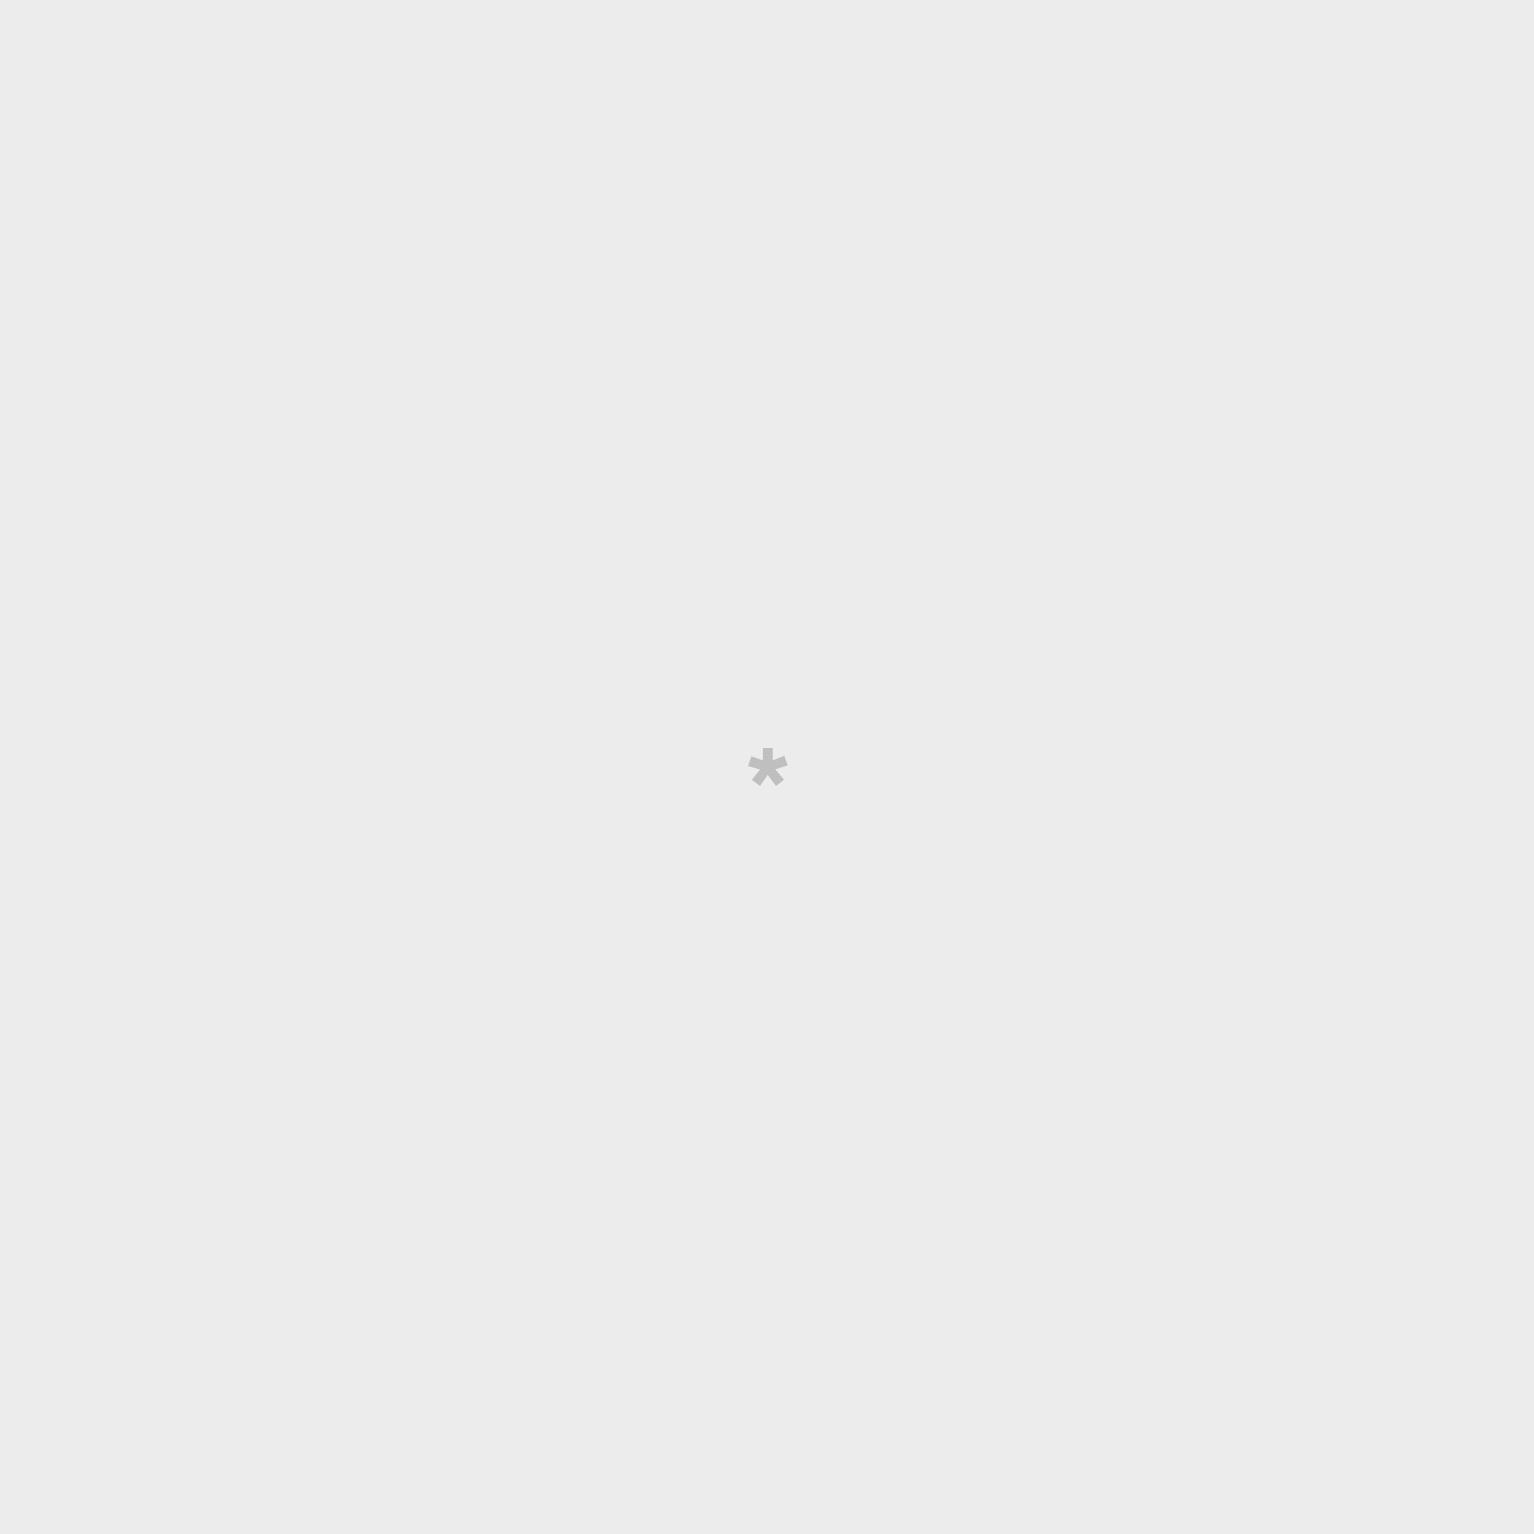 Juego de cartas - Menuda familia la nuestra